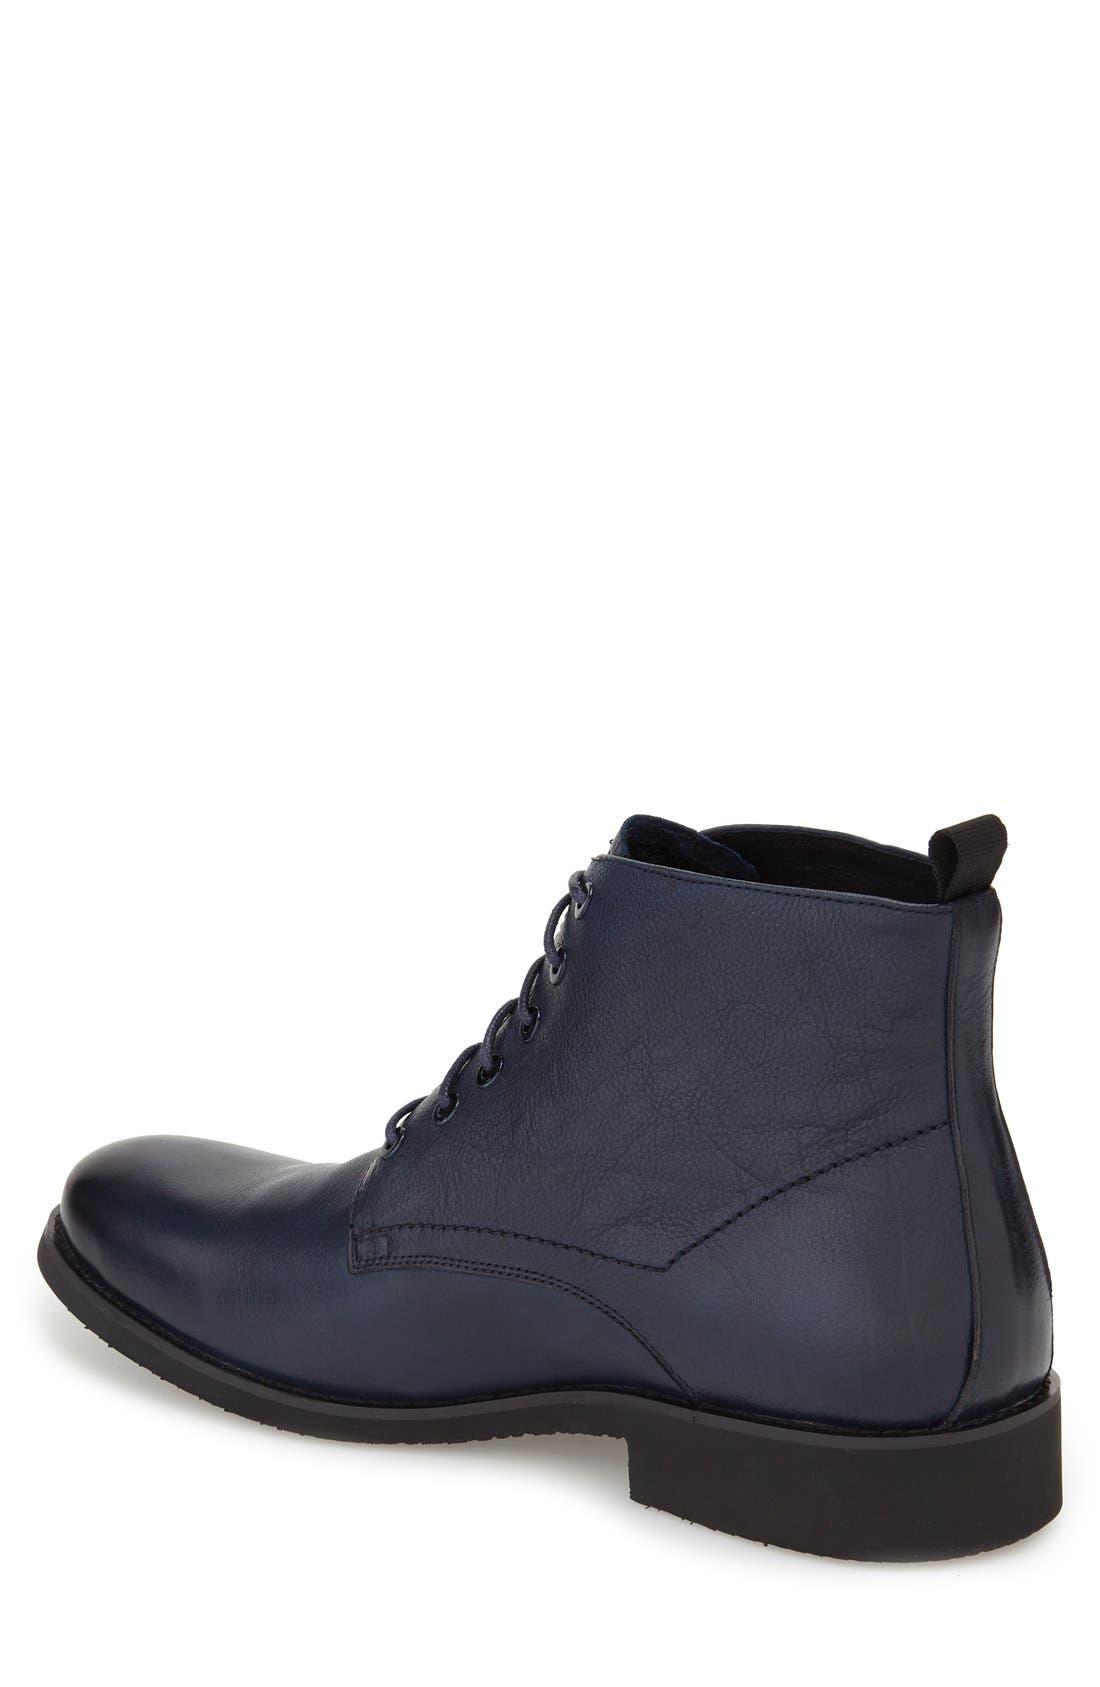 'Nereto' Plain Toe Boot,                             Alternate thumbnail 2, color,                             Navy